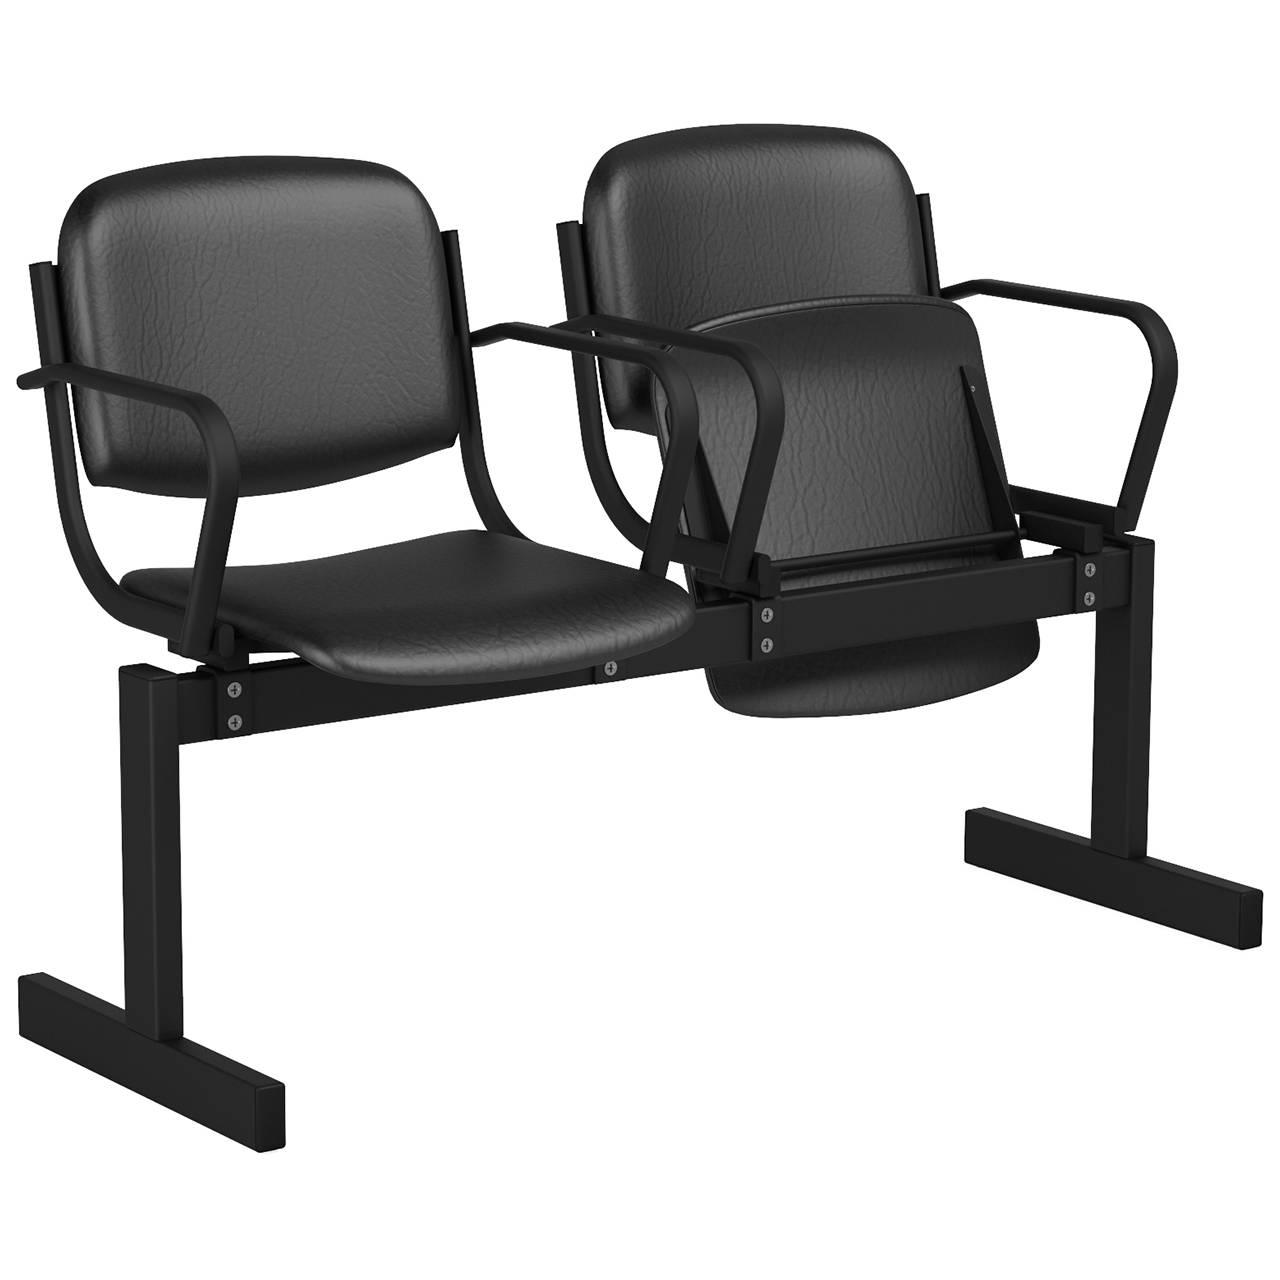 2-местный, откидывающиеся сиденья, мягкий, подлокотники черный черный Кожзаменитель